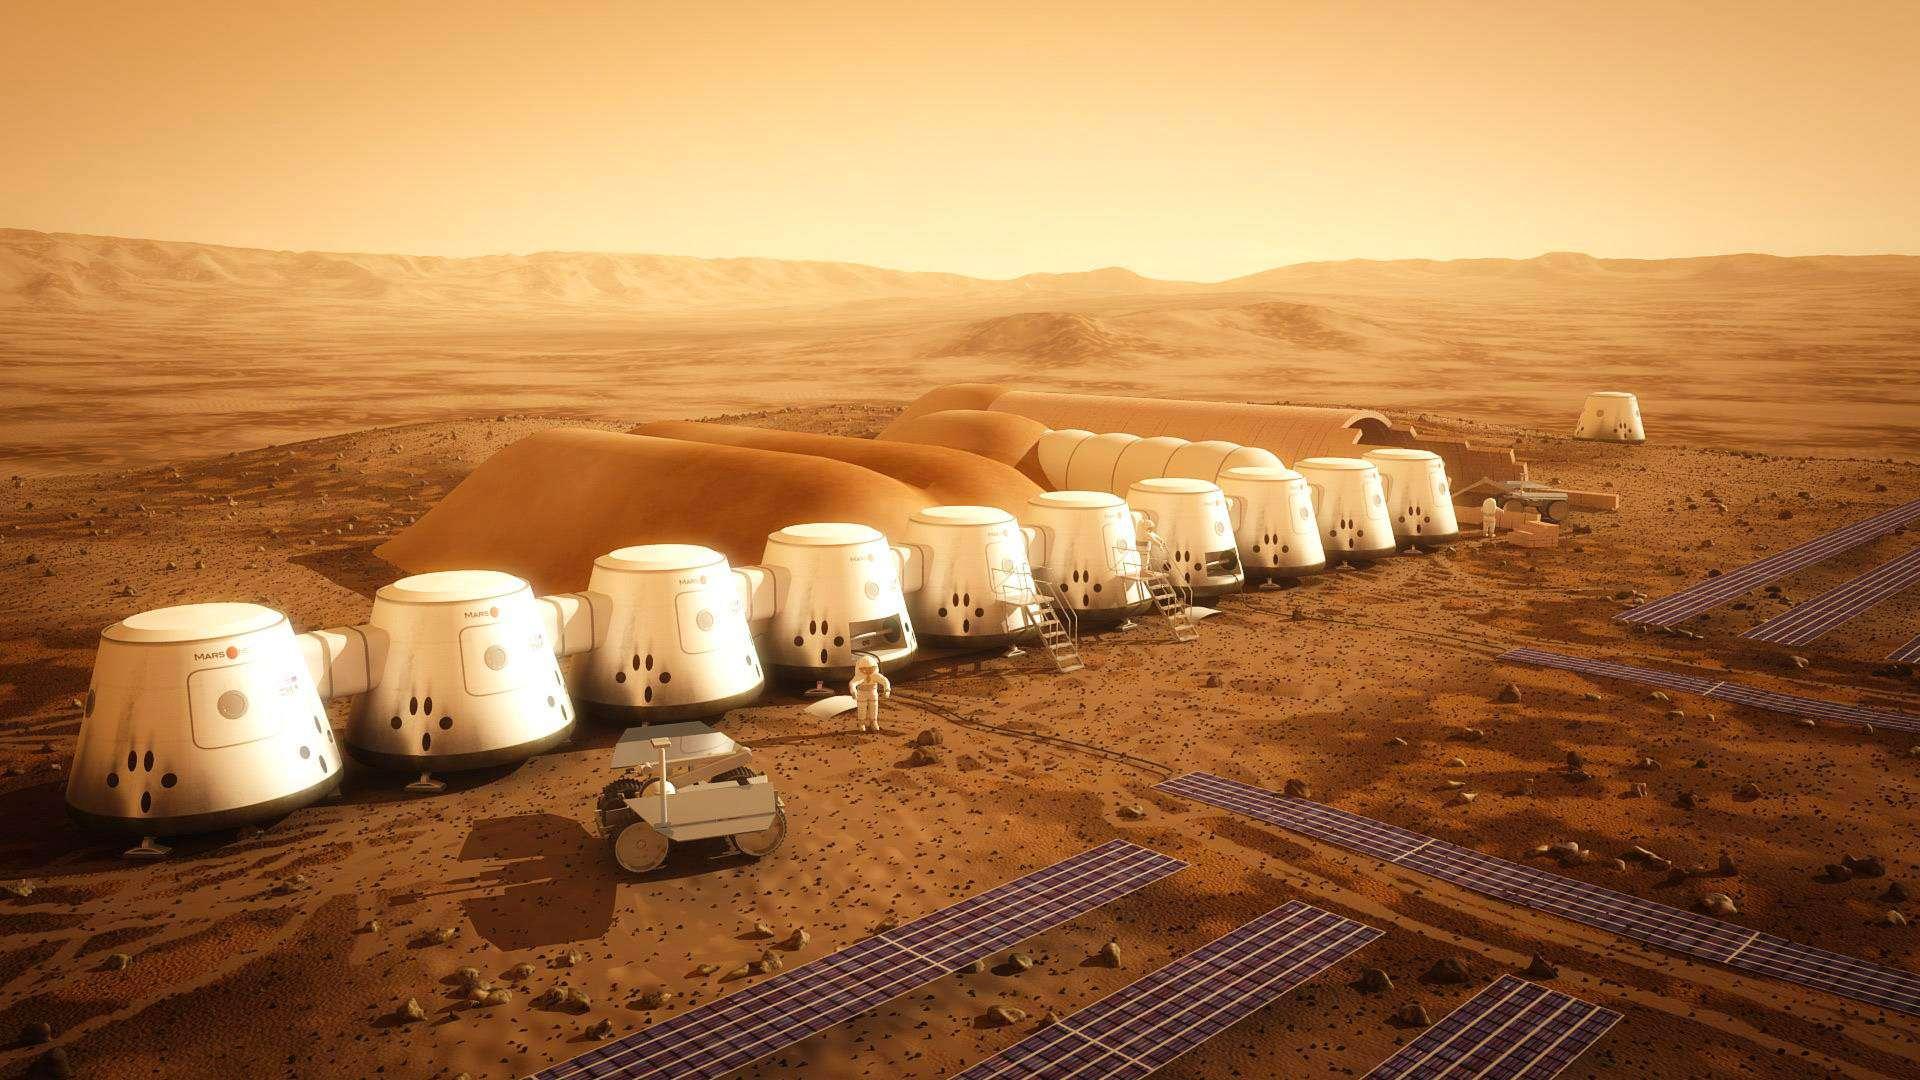 Mars One, un projet de colonisation martienne sans espoir de retour, était porté par deux entités, dont l'une est en faillite depuis janvier 2019. © Mars One